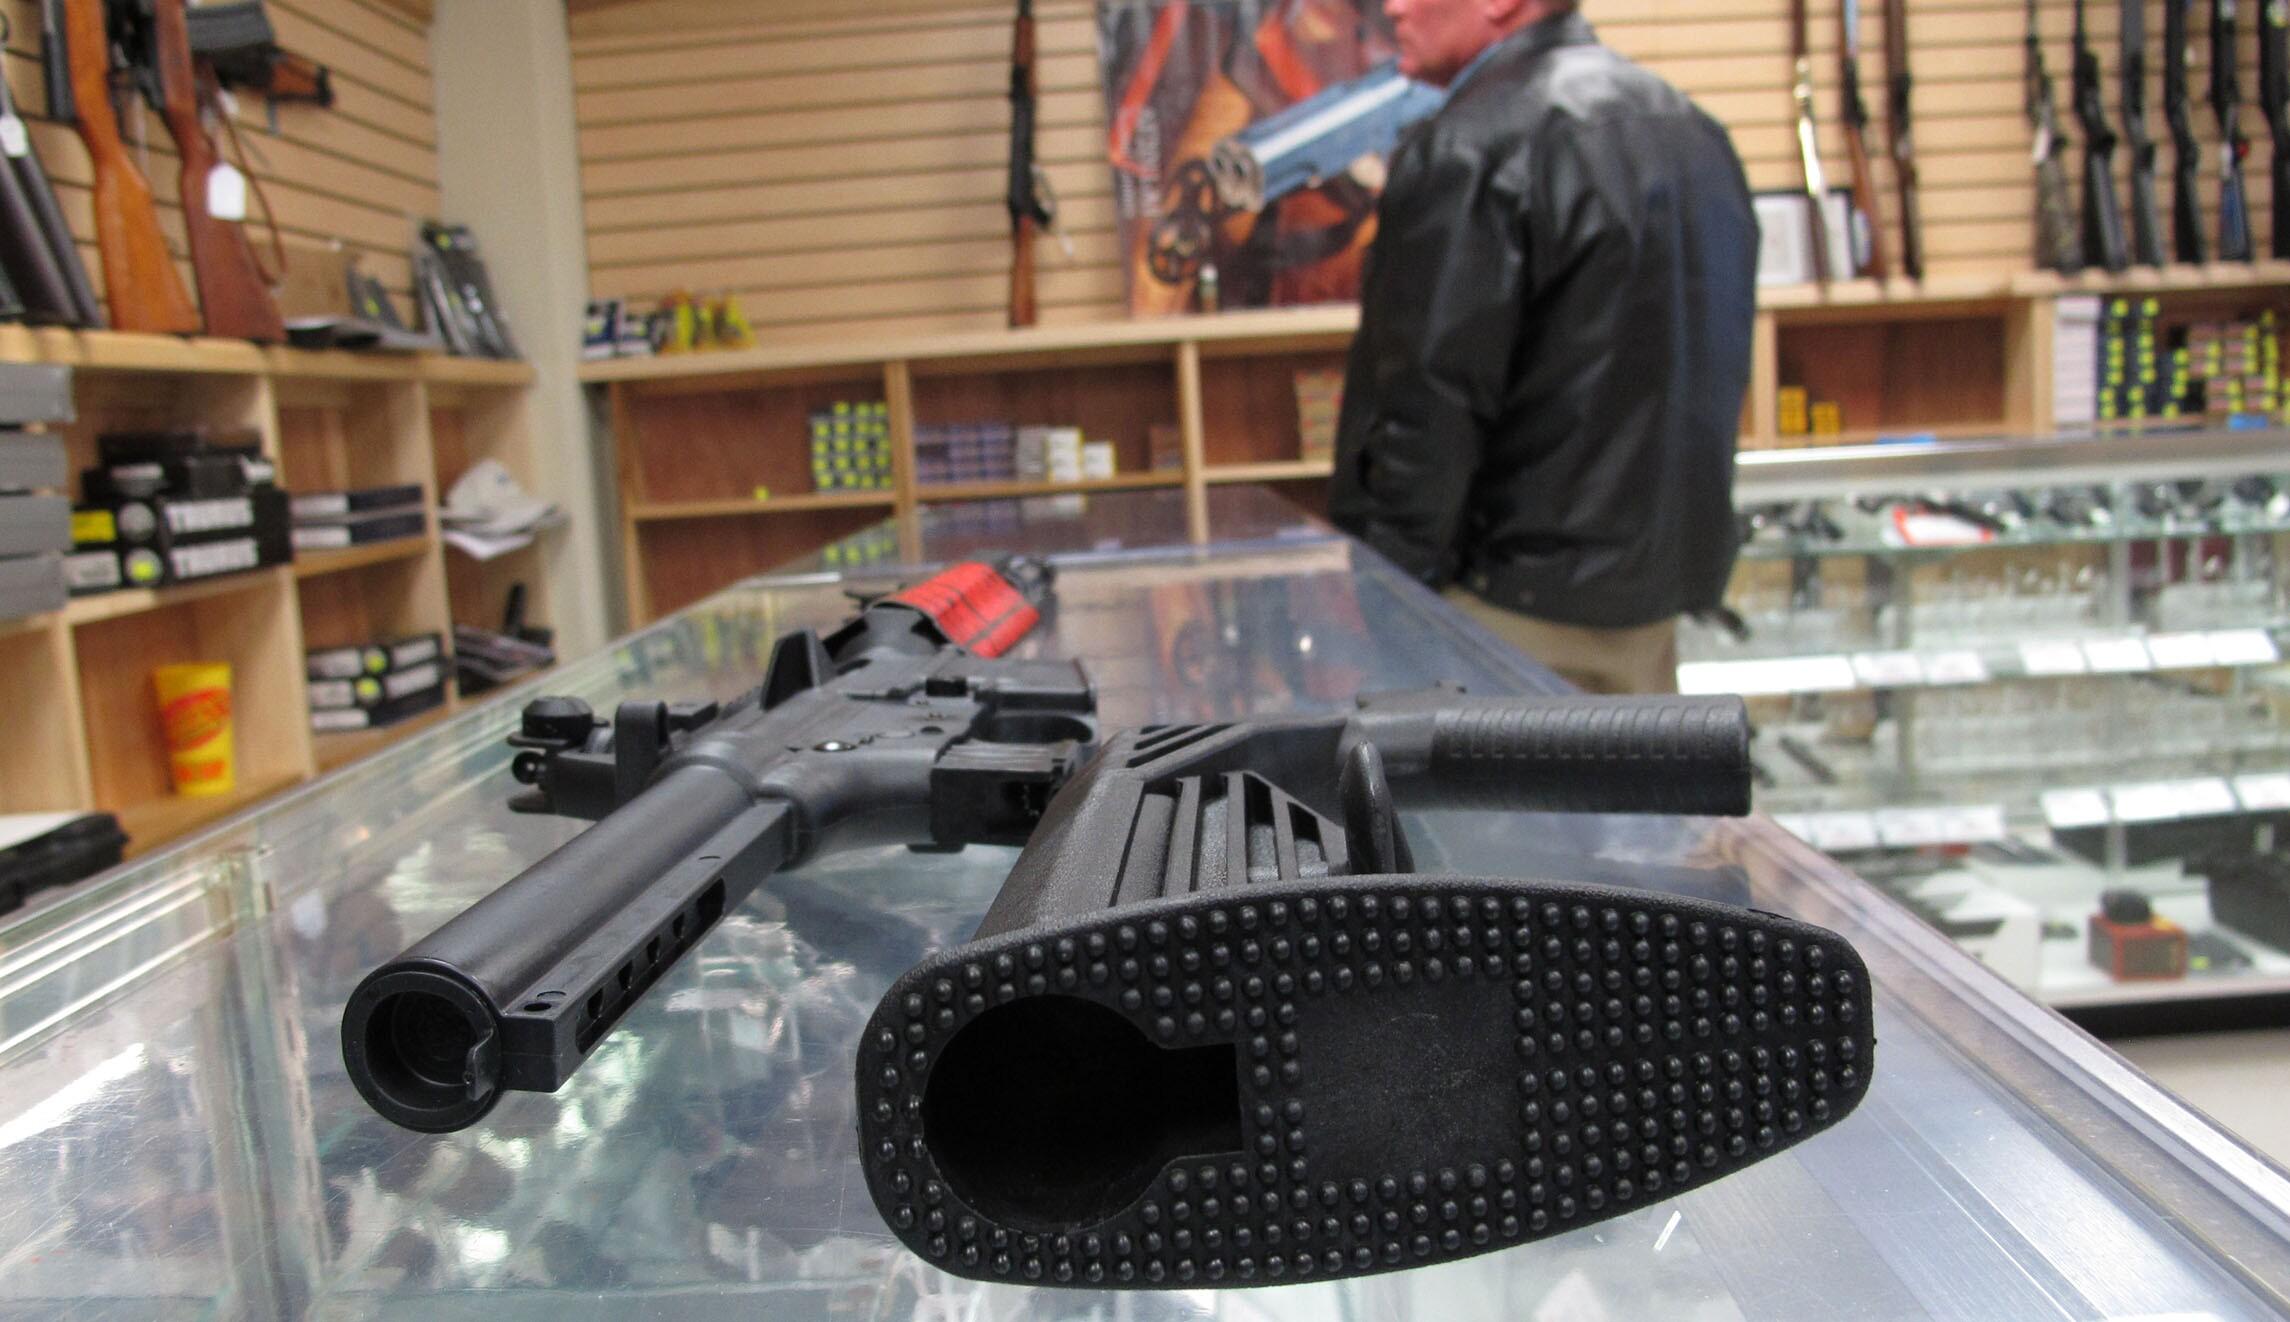 Can a bump stock make an AR-15 fire like a machine gun? (Yes